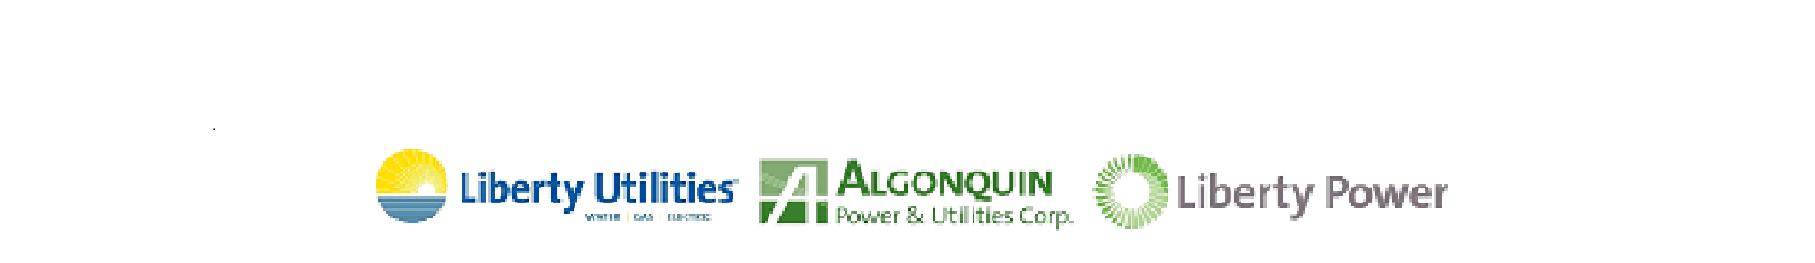 Algonquin Liberty Empire